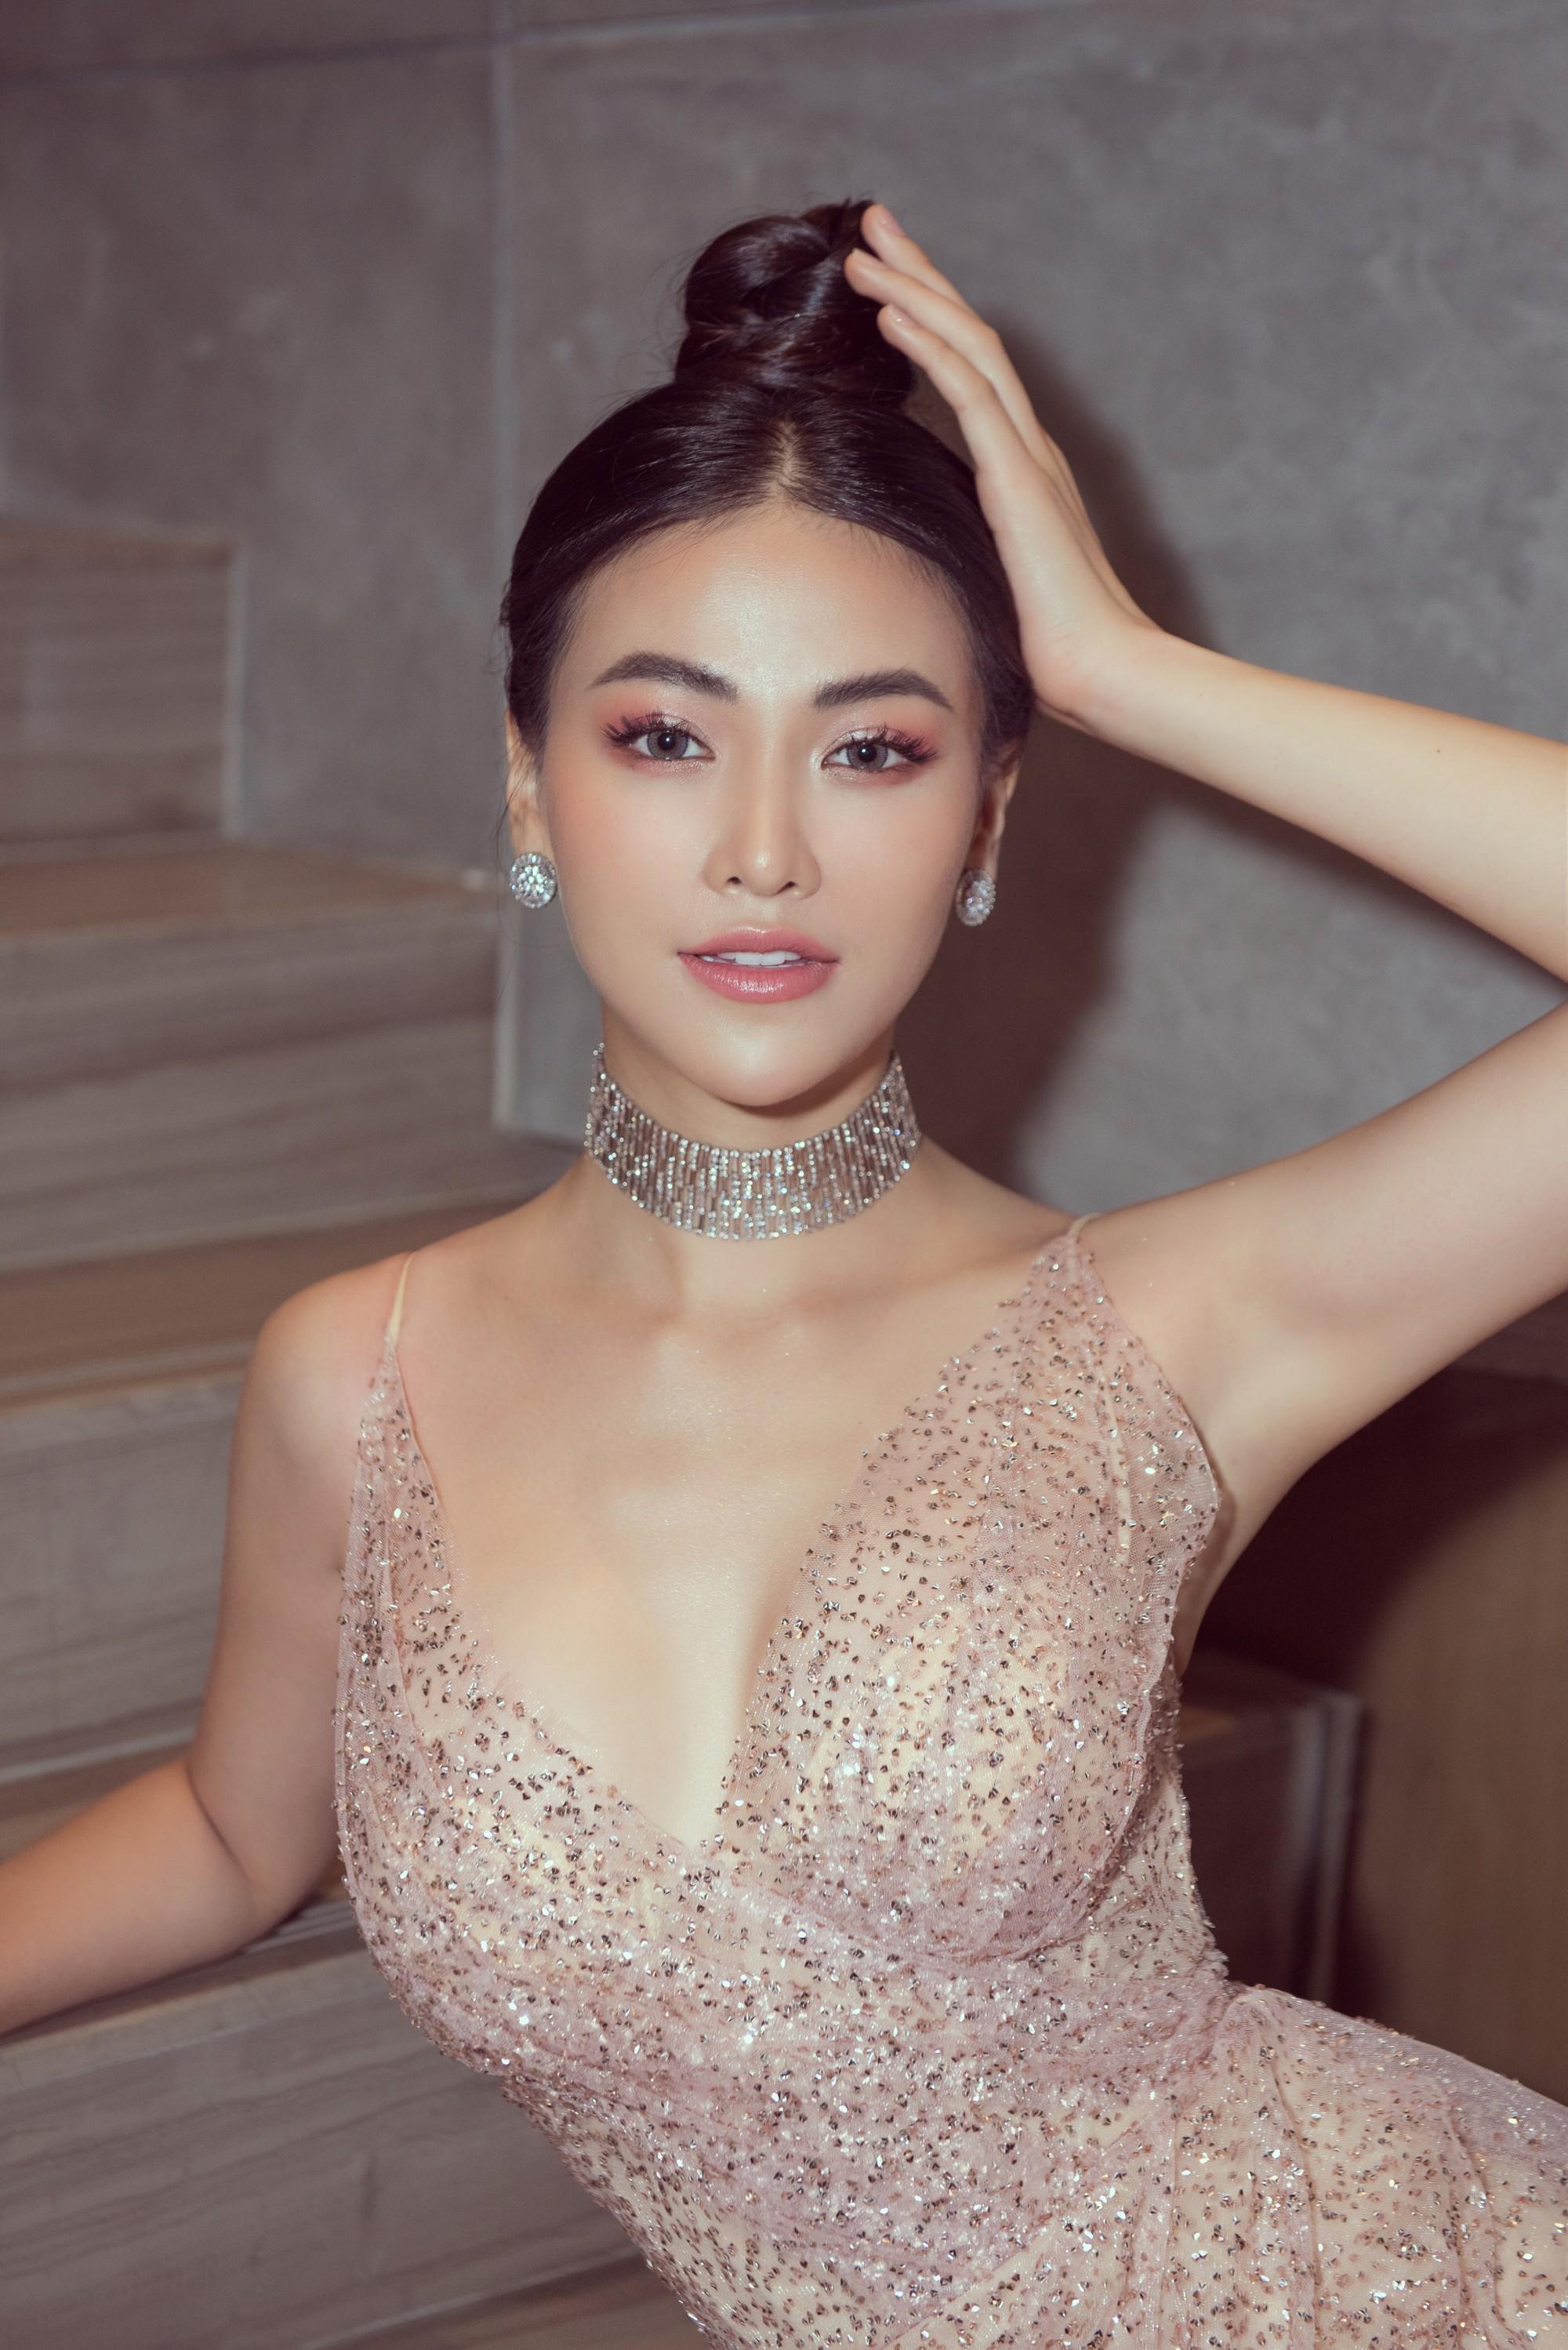 Hoa hậu và chuyện cánh tay to, bụng sồ sề khi chưa photoshop: Đâu phải nữ thần để đòi hỏi đẹp hoàn hảo 100% - Ảnh 2.